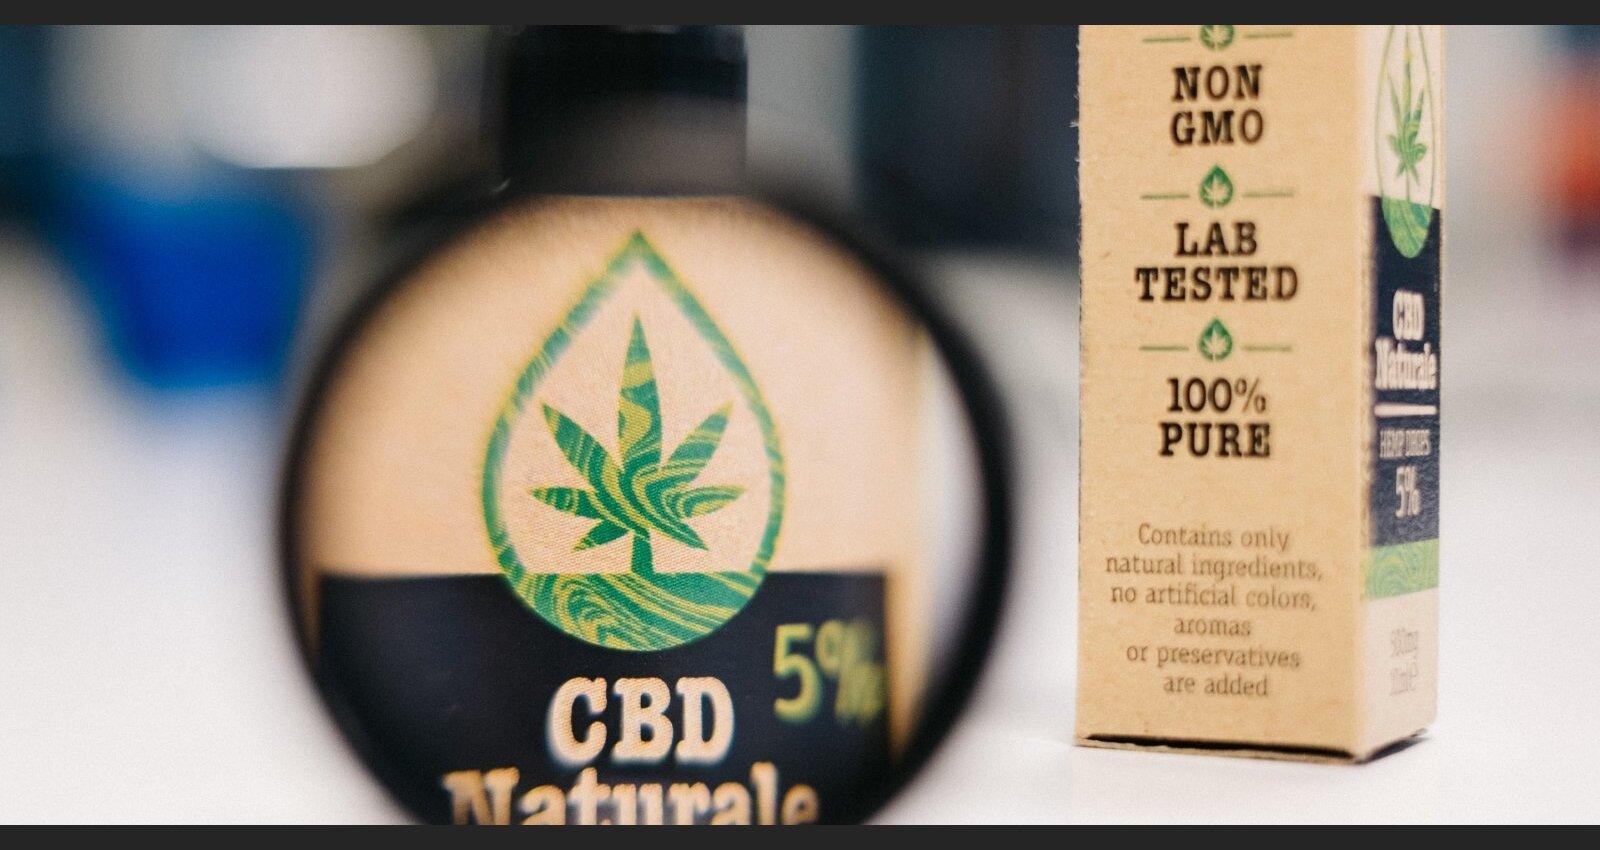 Исследований мало, эффективность не доказана: специалисты о CBD маслах